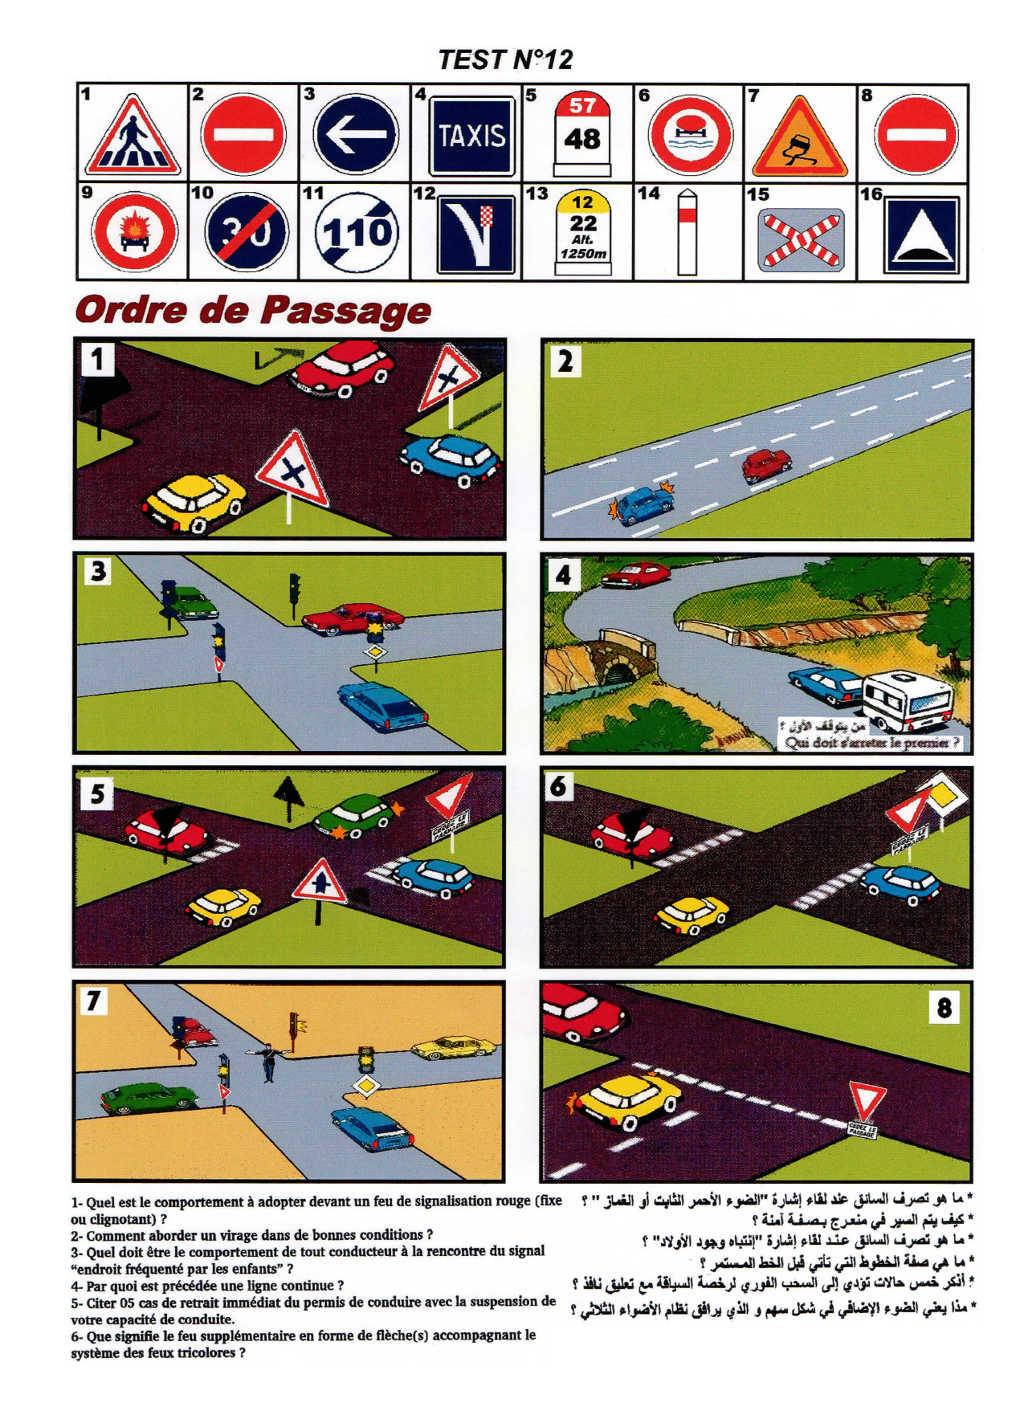 كتاب امتحان رخصة السياقة - الصفحة 12